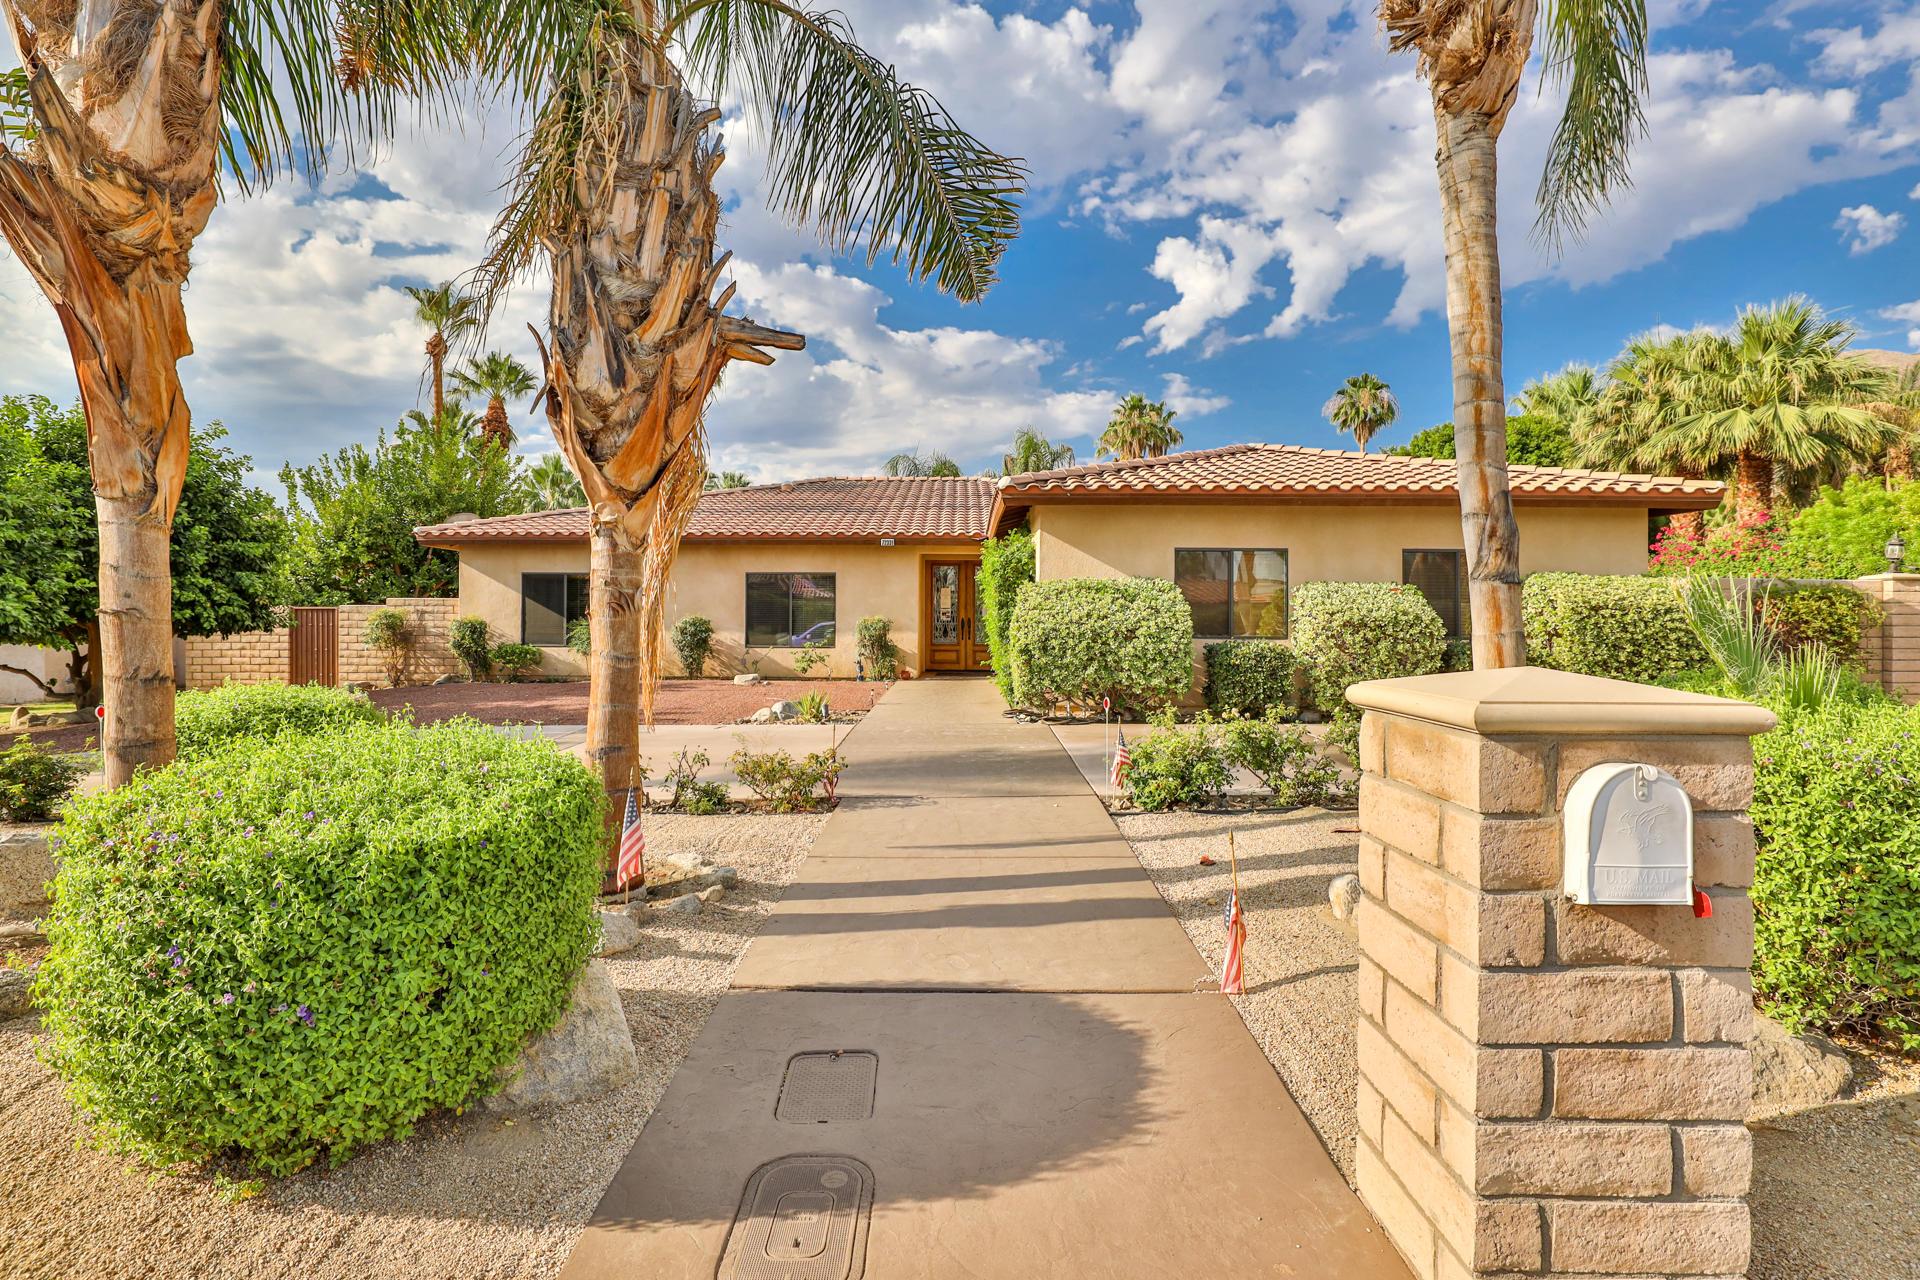 72331 Magnesia Falls Drive, Rancho Mirage, CA 92270